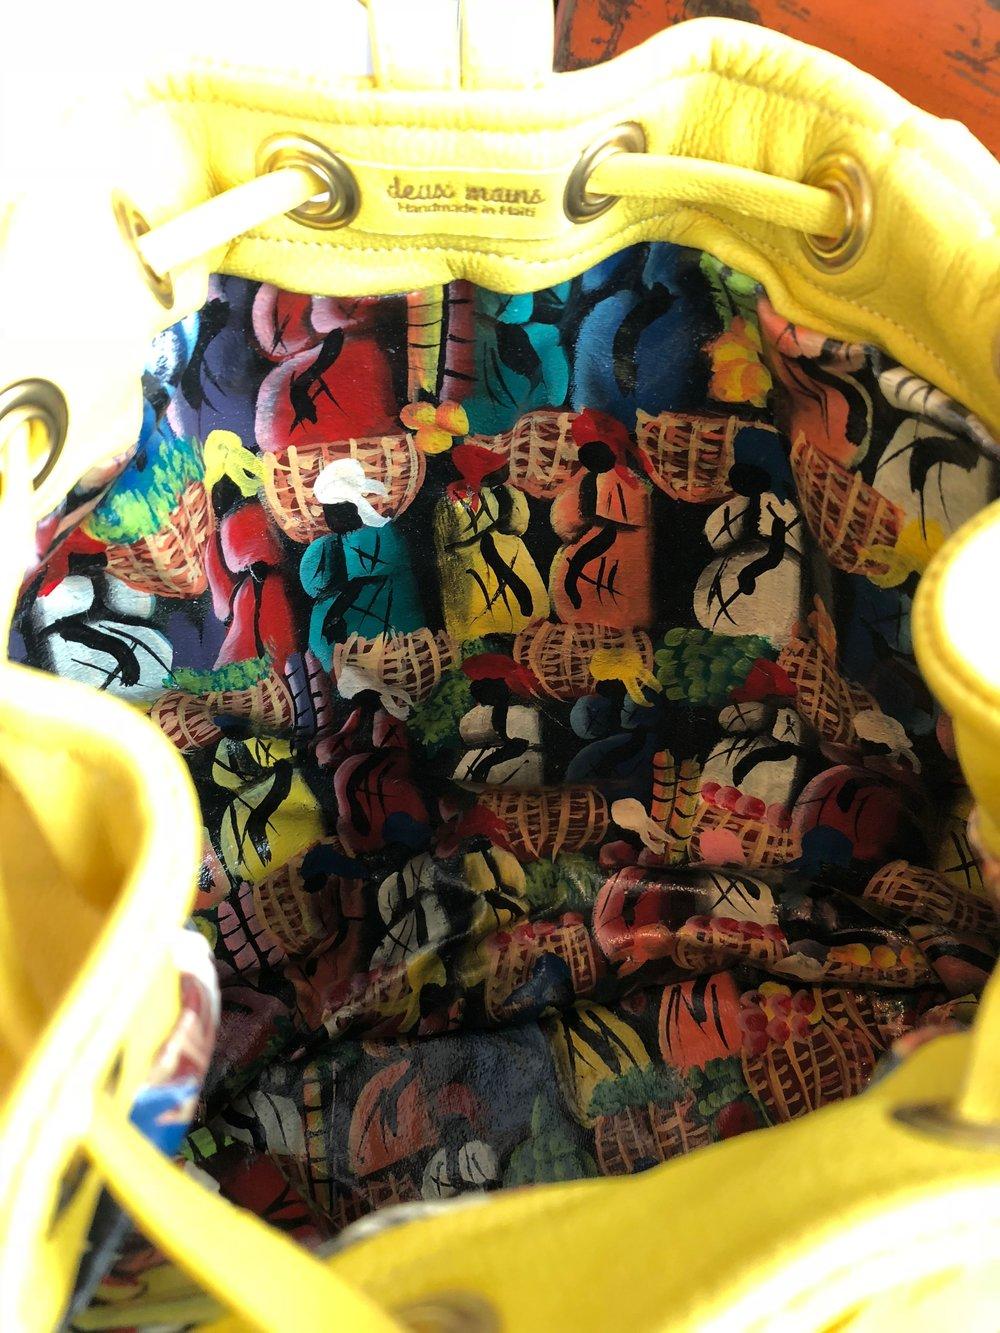 DM_backpack_interior.JPG